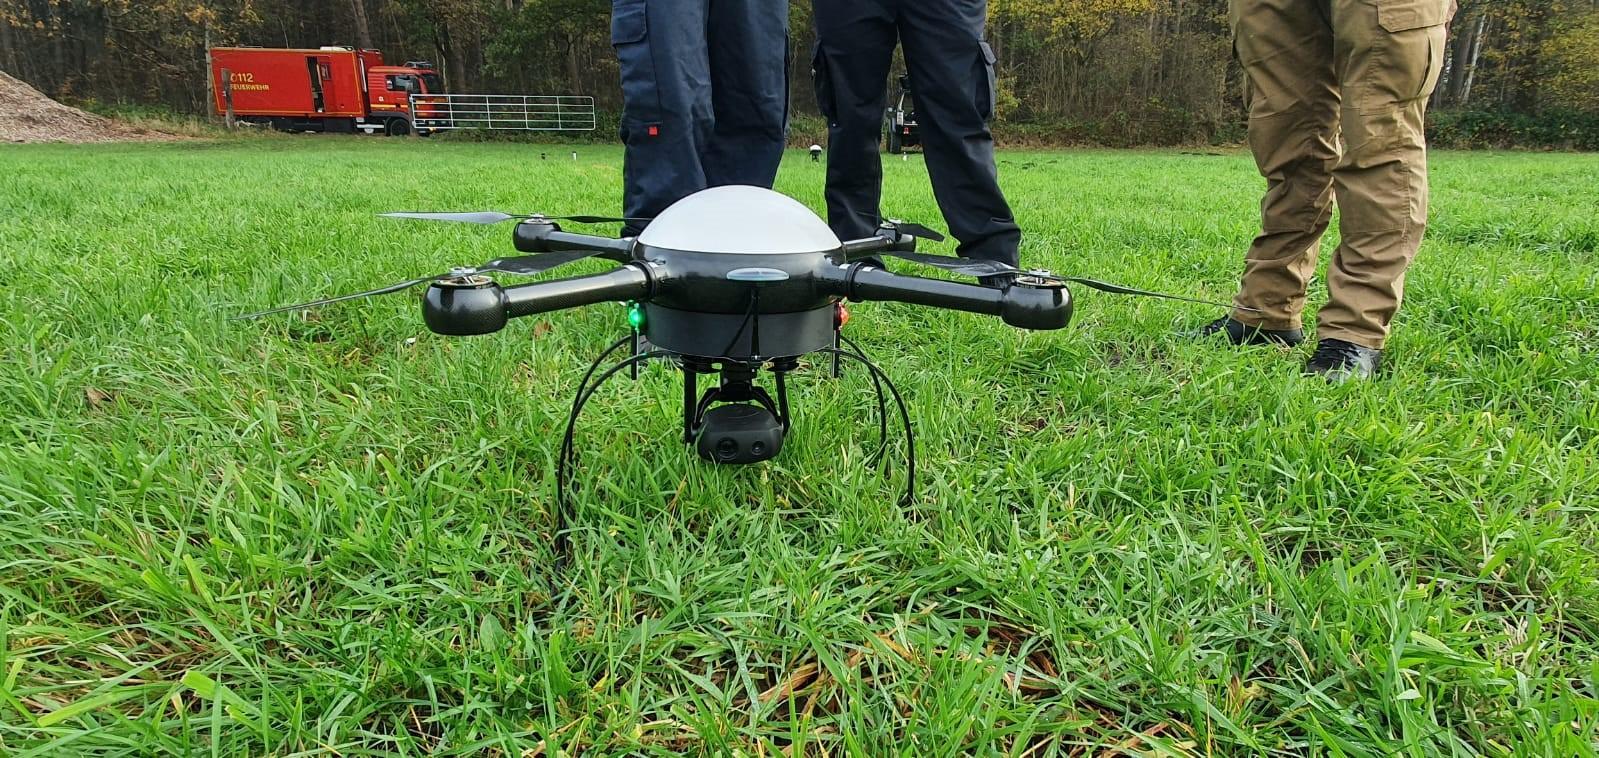 Drohne-17